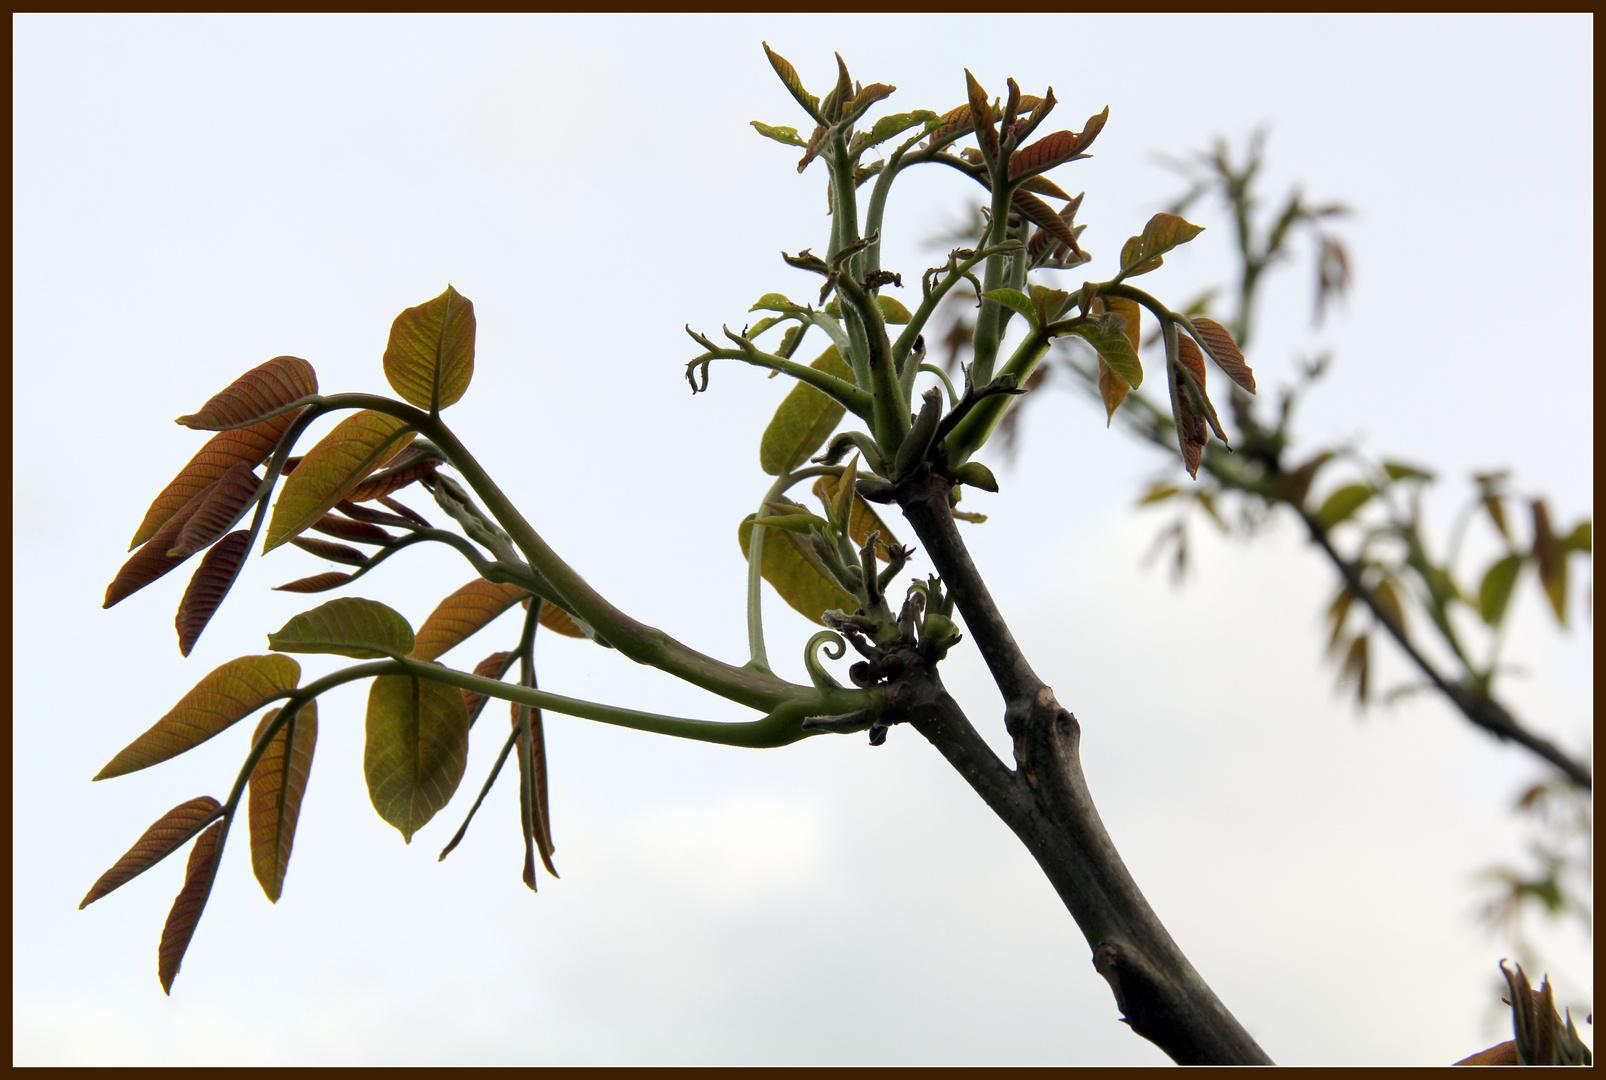 Der Walnussbaum erwacht zu neuem Leben